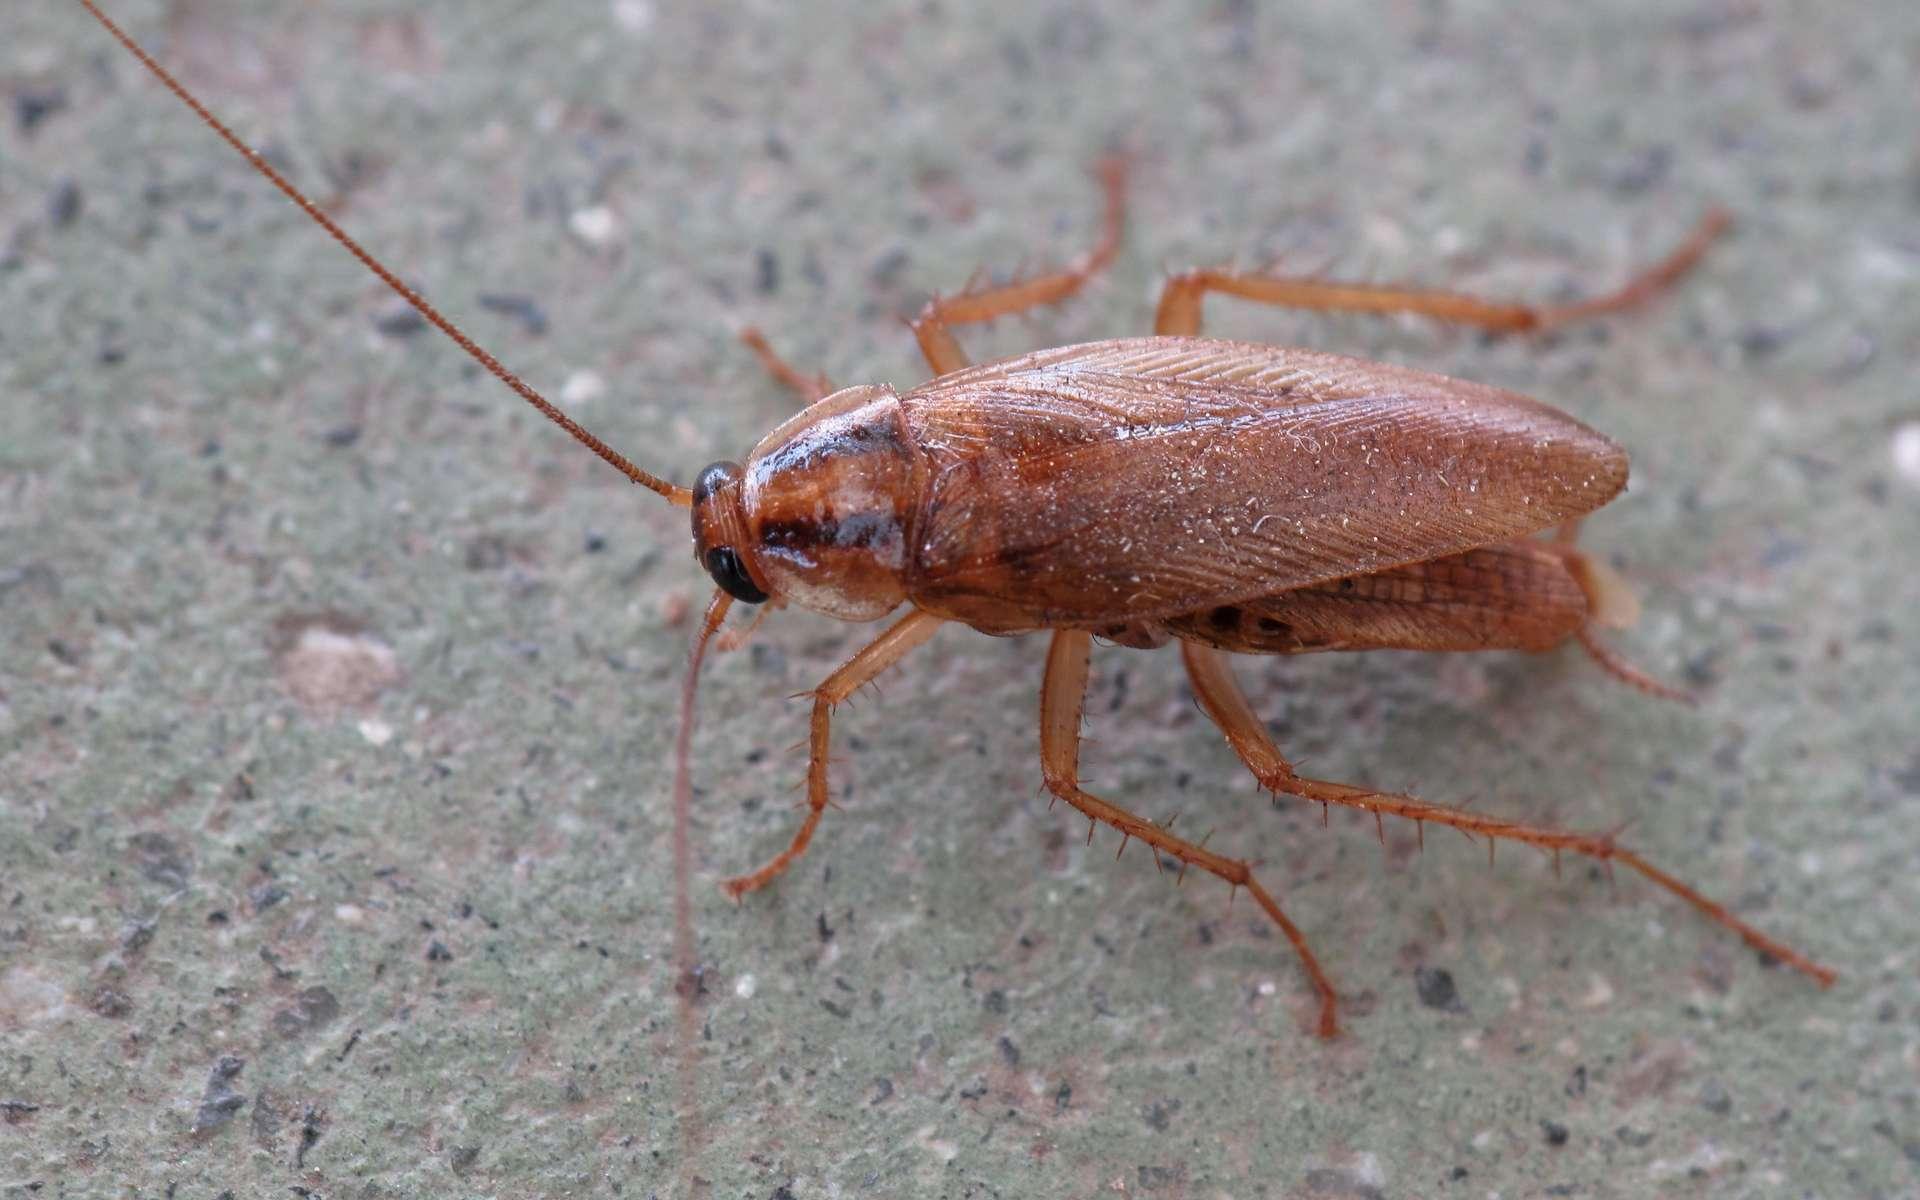 Les insecticides chimiques, une stratégie dépassée dans la lutte contre les insectes. © Lmbuga, Wikipedia